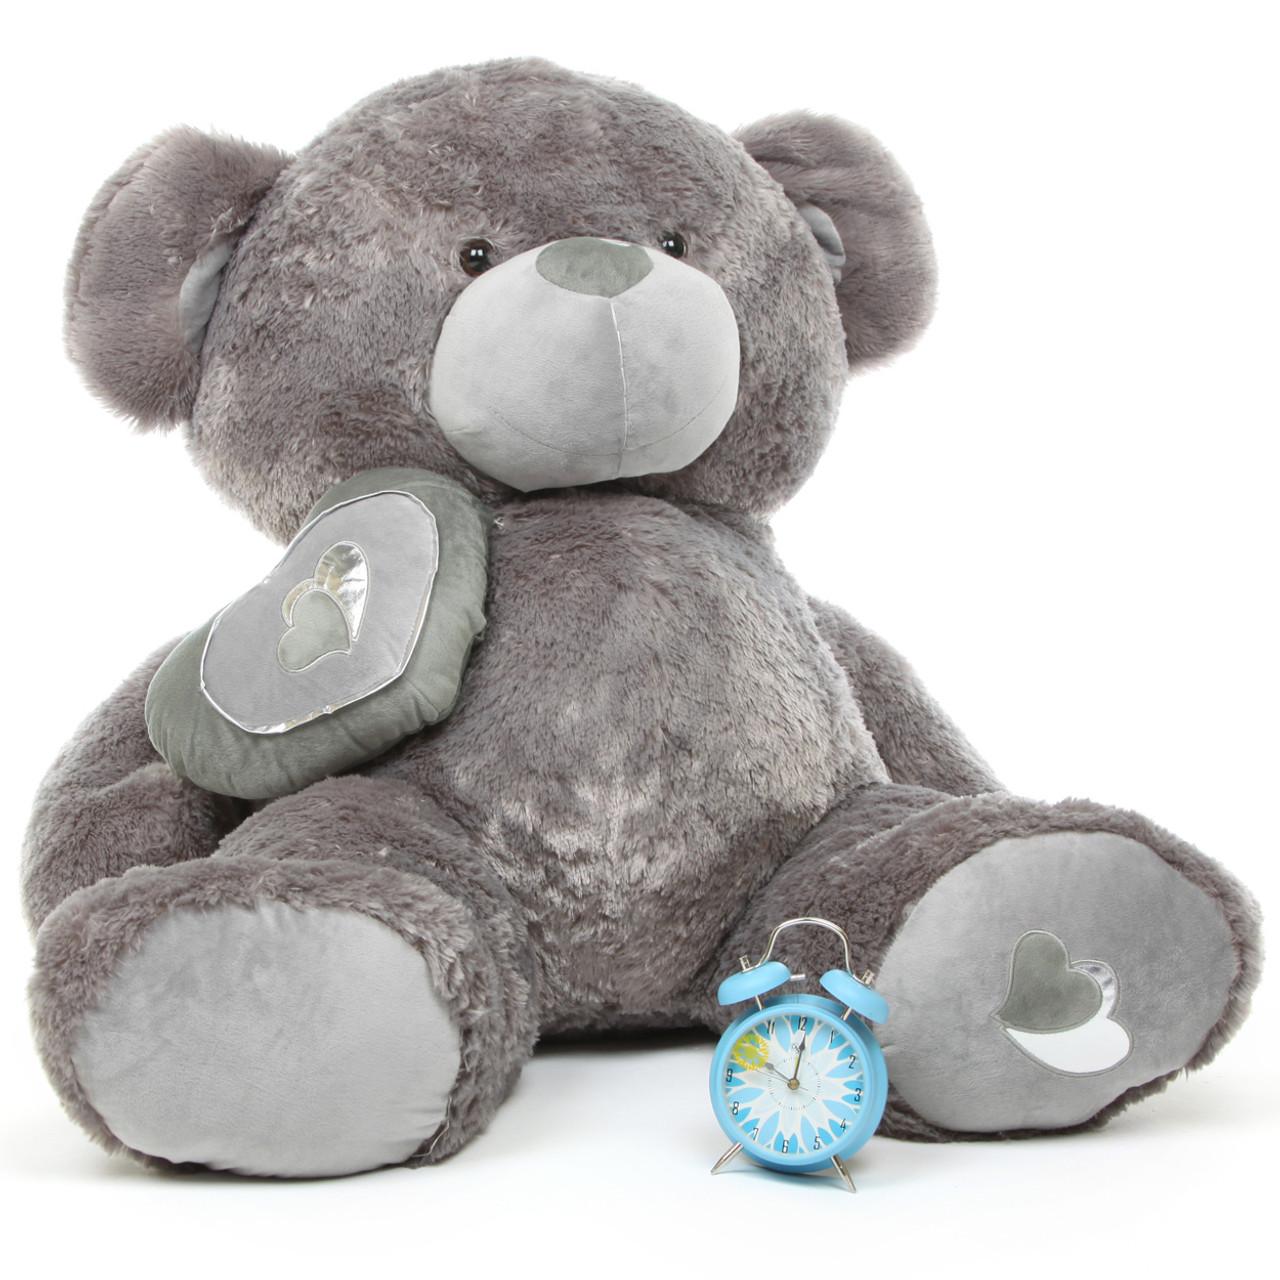 Snuggle Pie Big Love silver teddy bear 47in